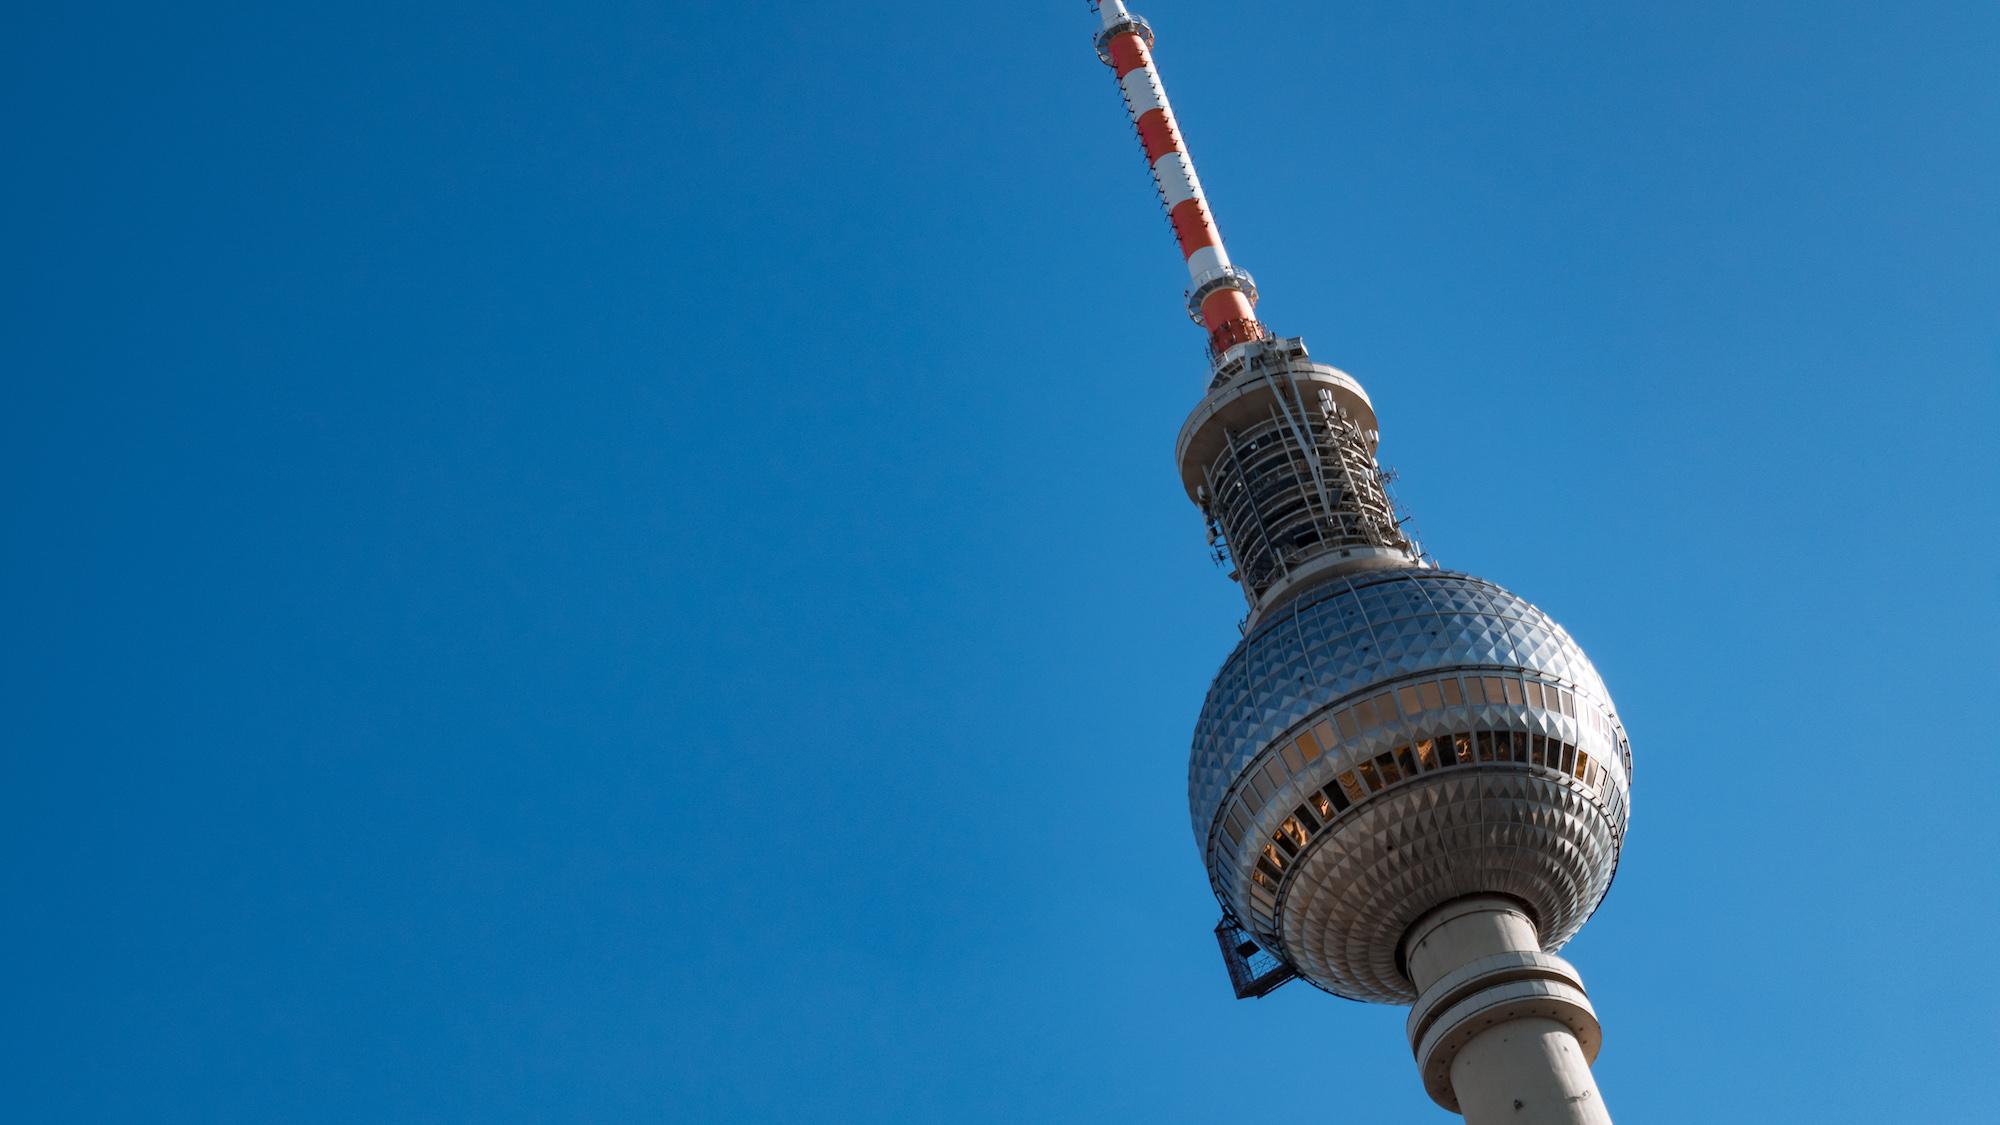 Ferienloft Berlin zu besuch in auf und über dem berliner fernsehturm gillyberlin